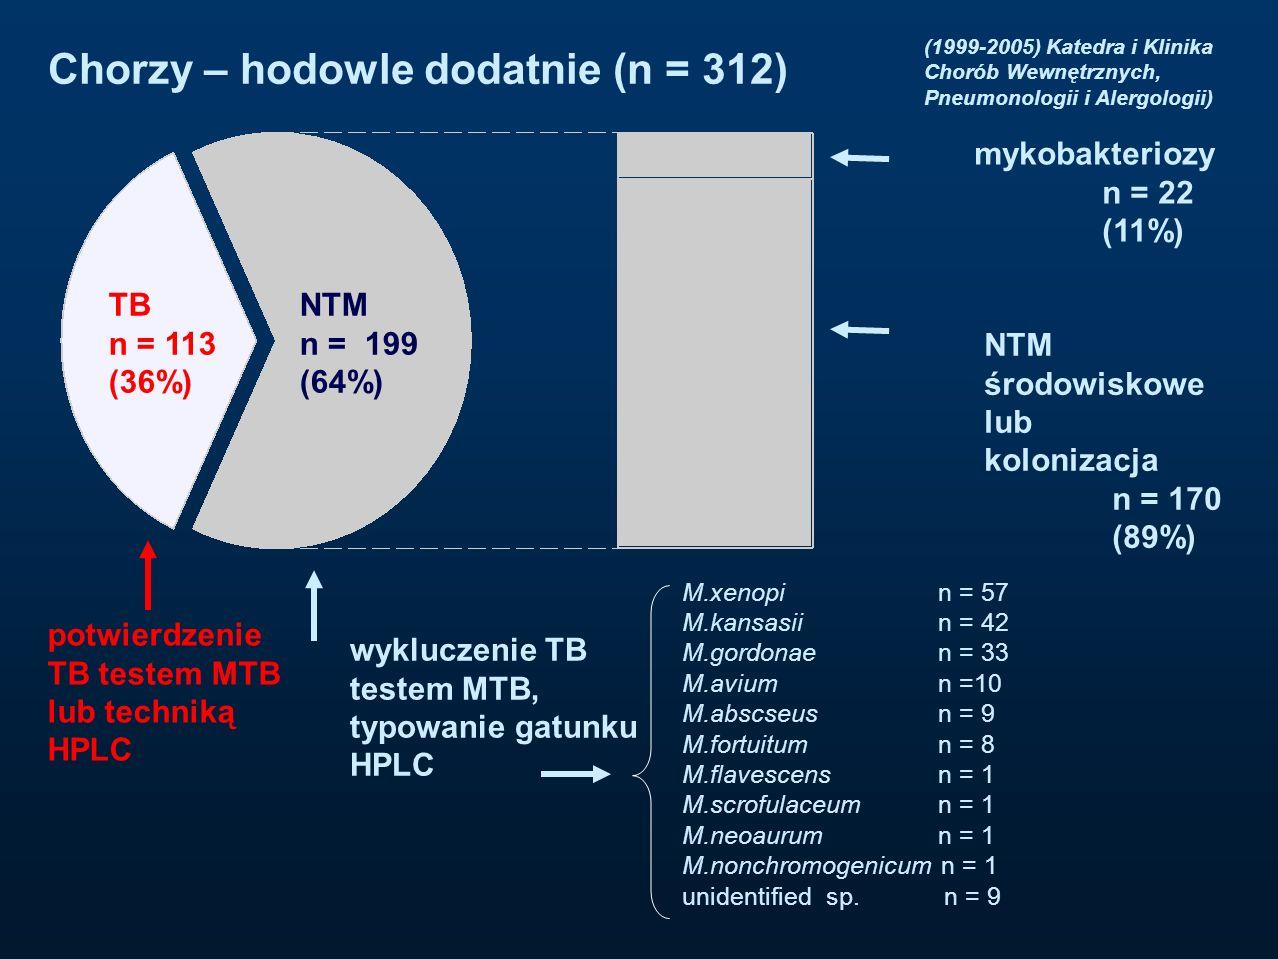 TB n = 113 (36%) NTM n = 199 (64%) mykobakteriozy n = 22 (11%) NTM środowiskowe lub kolonizacja n = 170 (89%) potwierdzenie TB testem MTB lub techniką